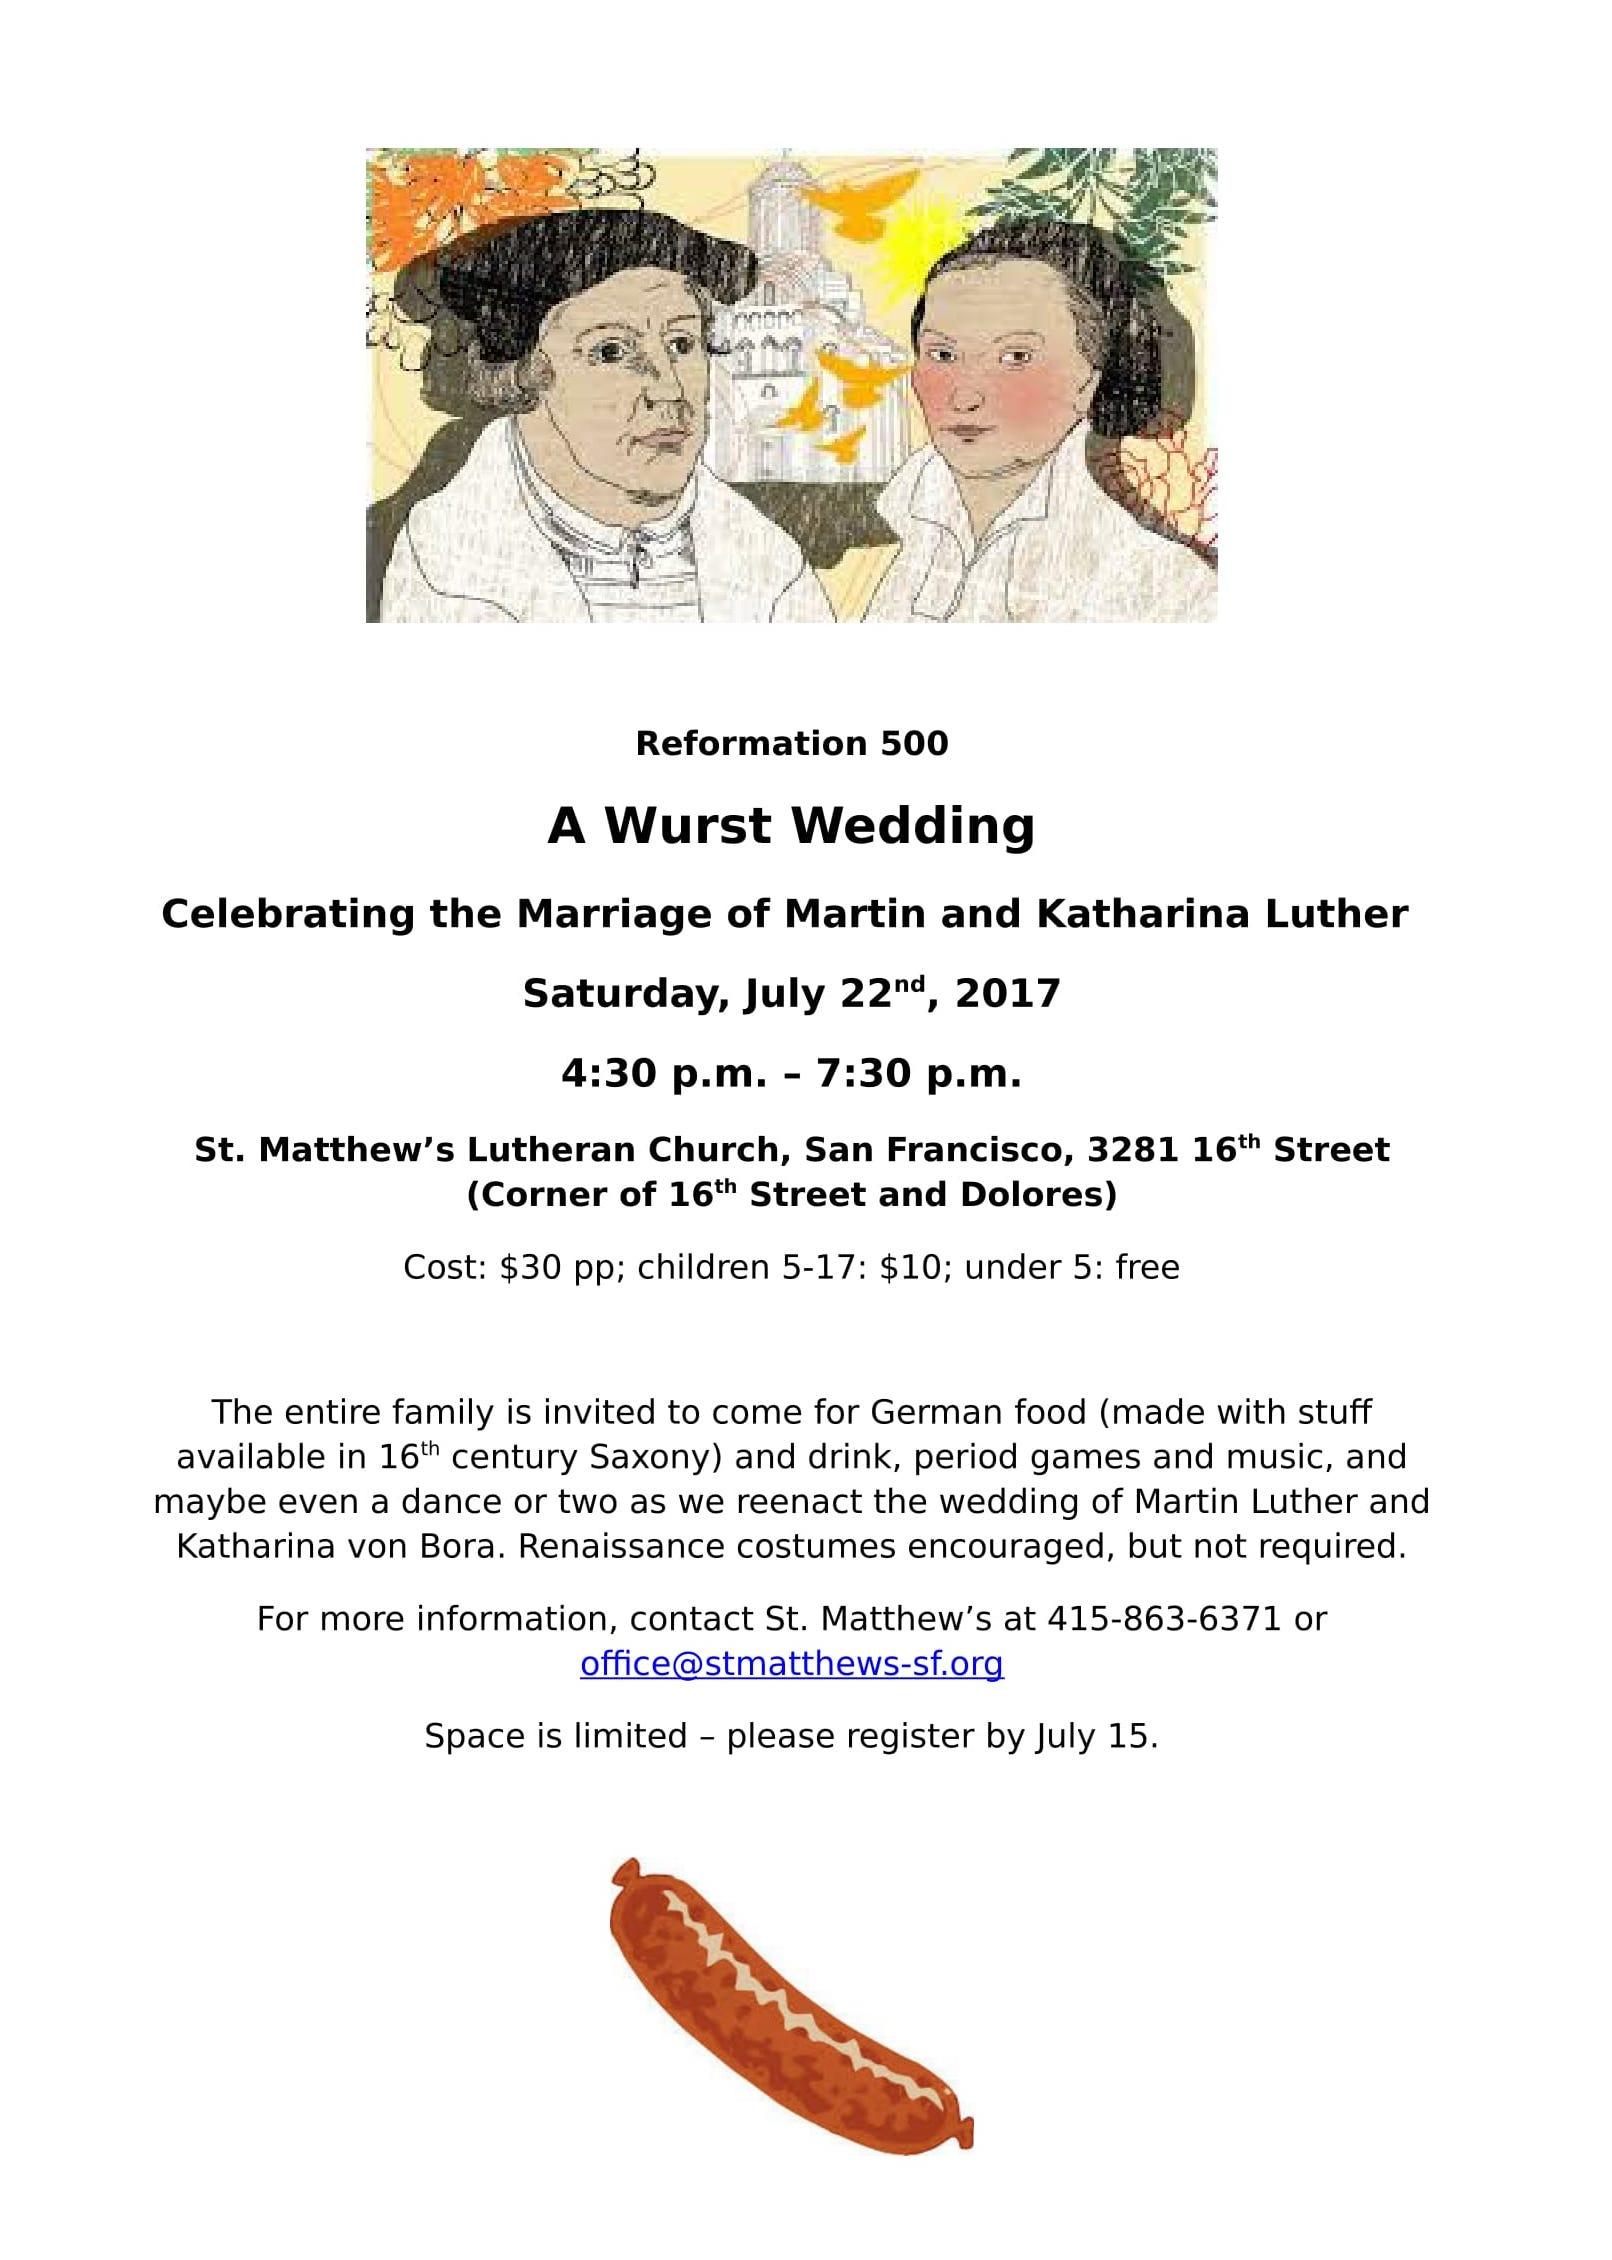 Eine Wurst Hochzeit am 22 Juli St Matthews Lutheran Church